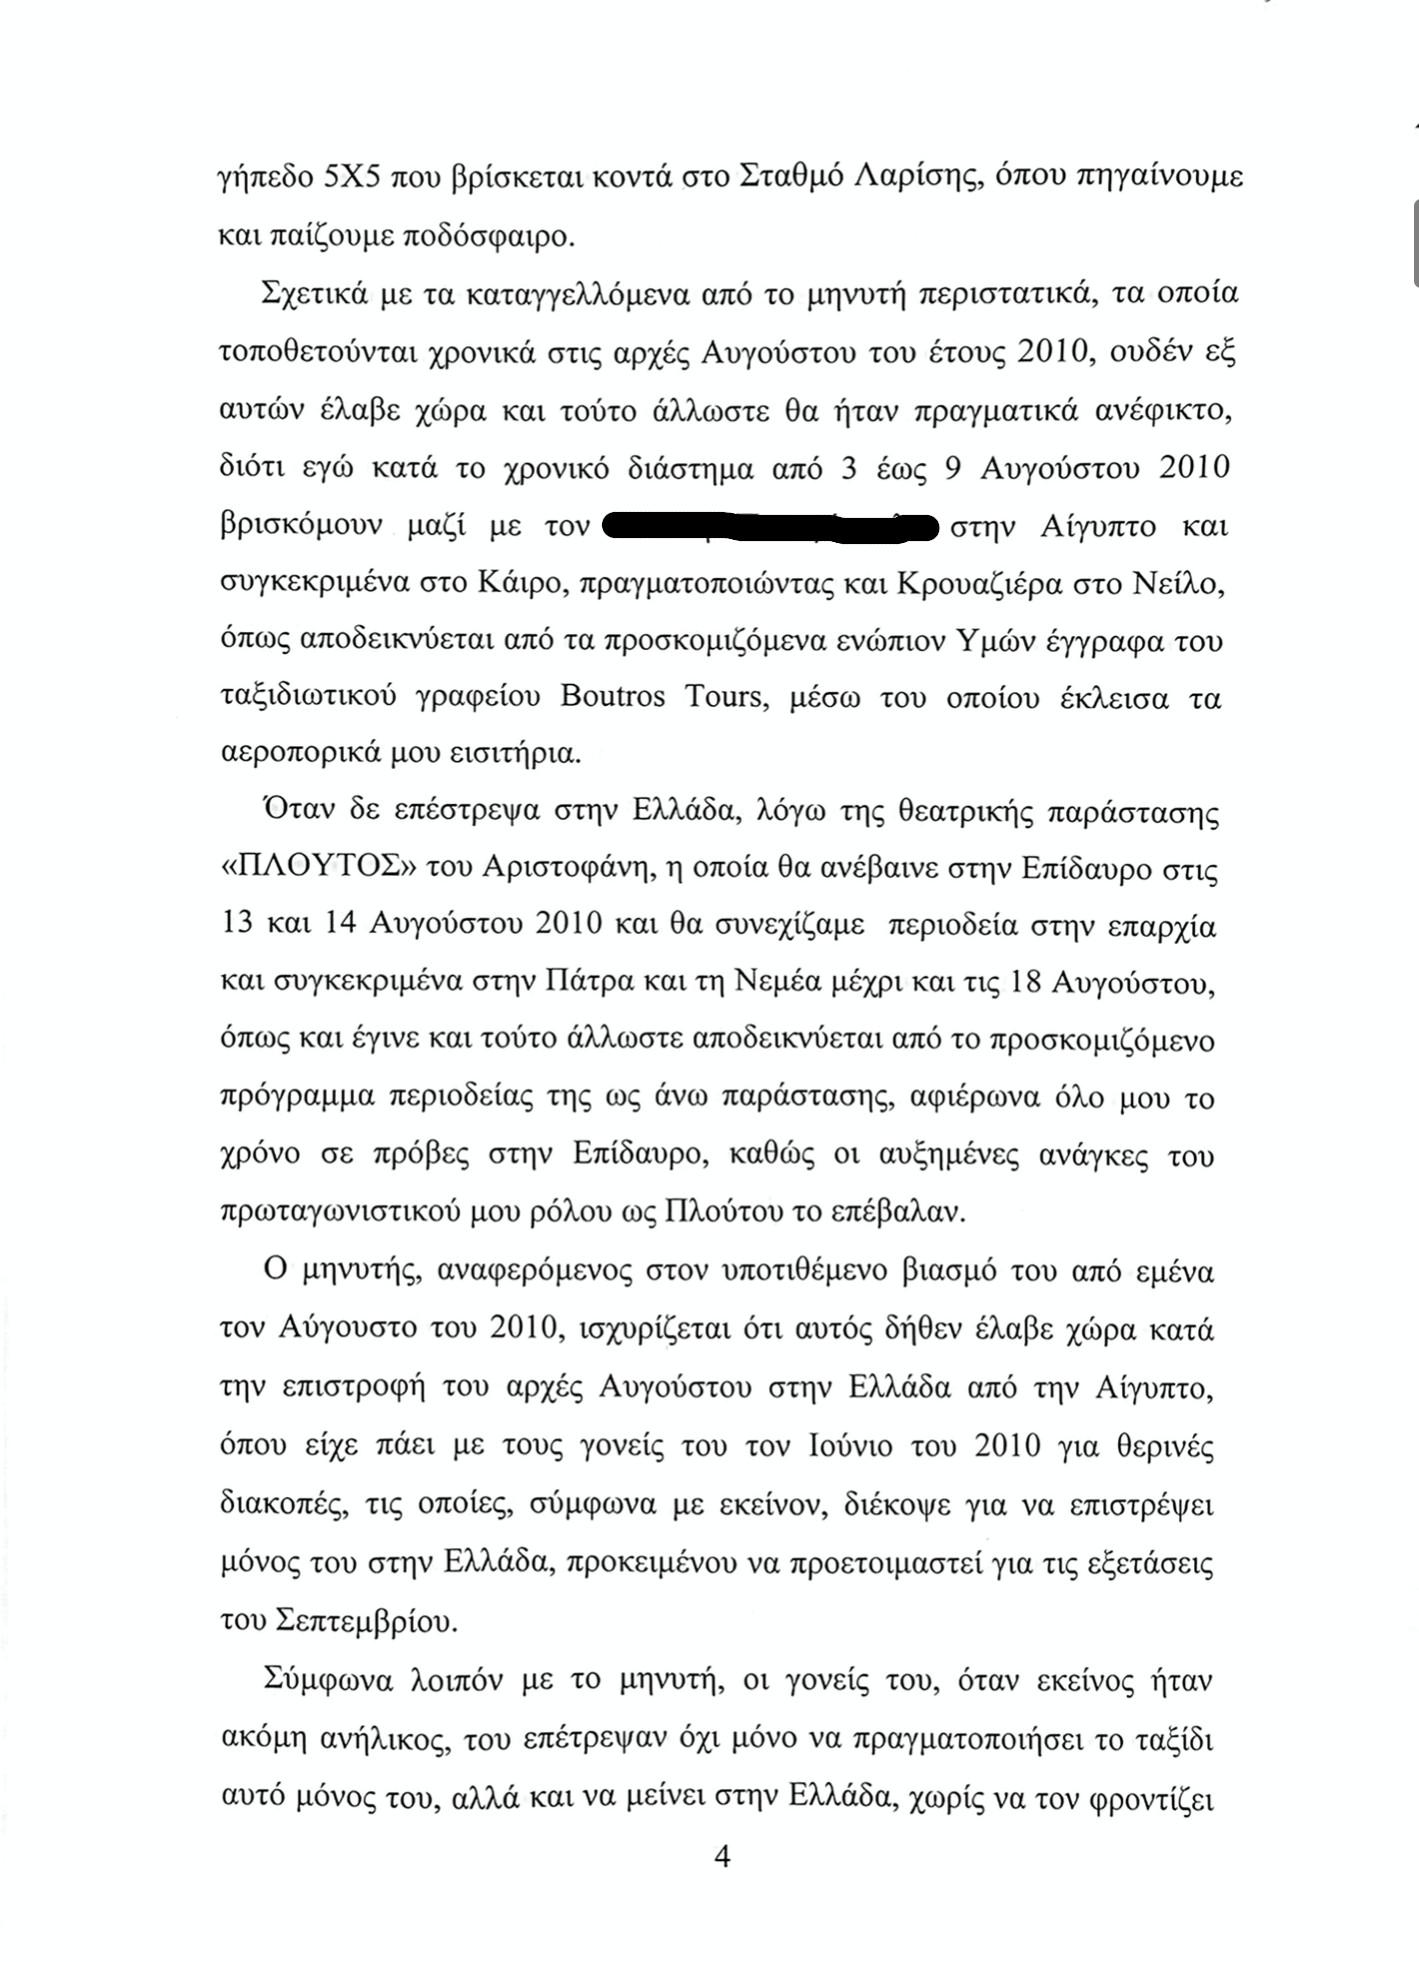 lignadis apologia 4